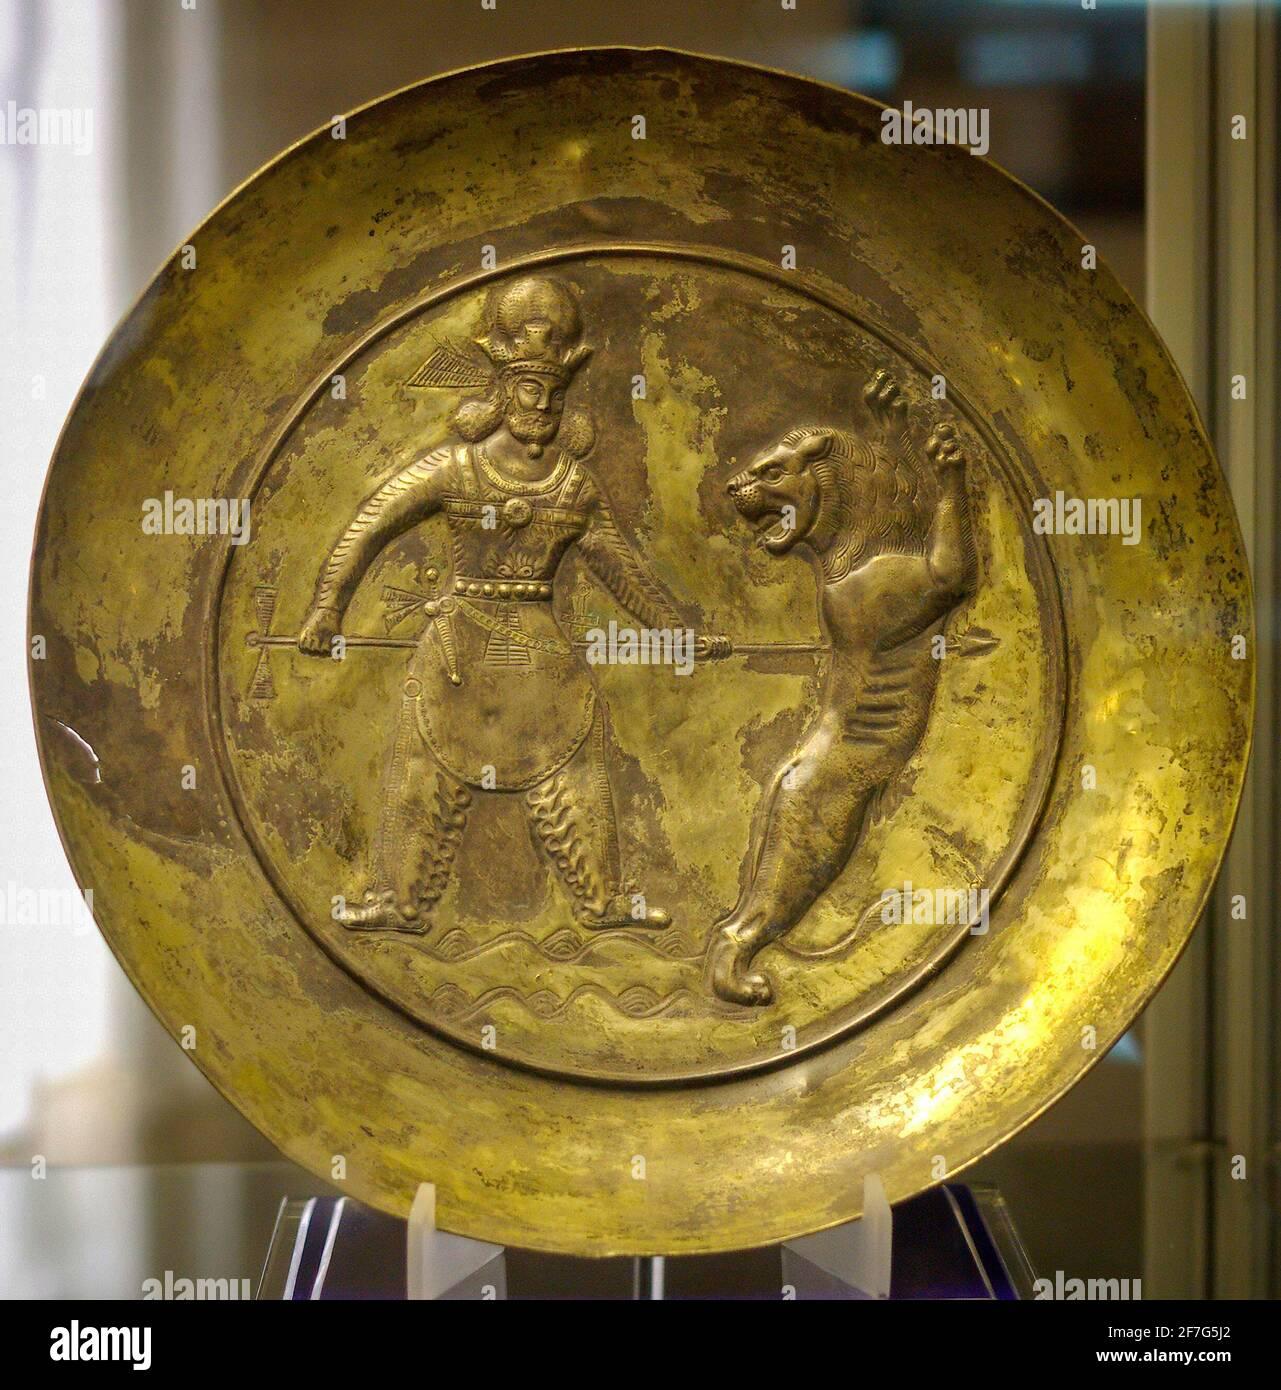 Plat en argent sasanien plaqué or représentant le roi tuant un lion avec une épée, Musée de Tabriz, Iran. Banque D'Images